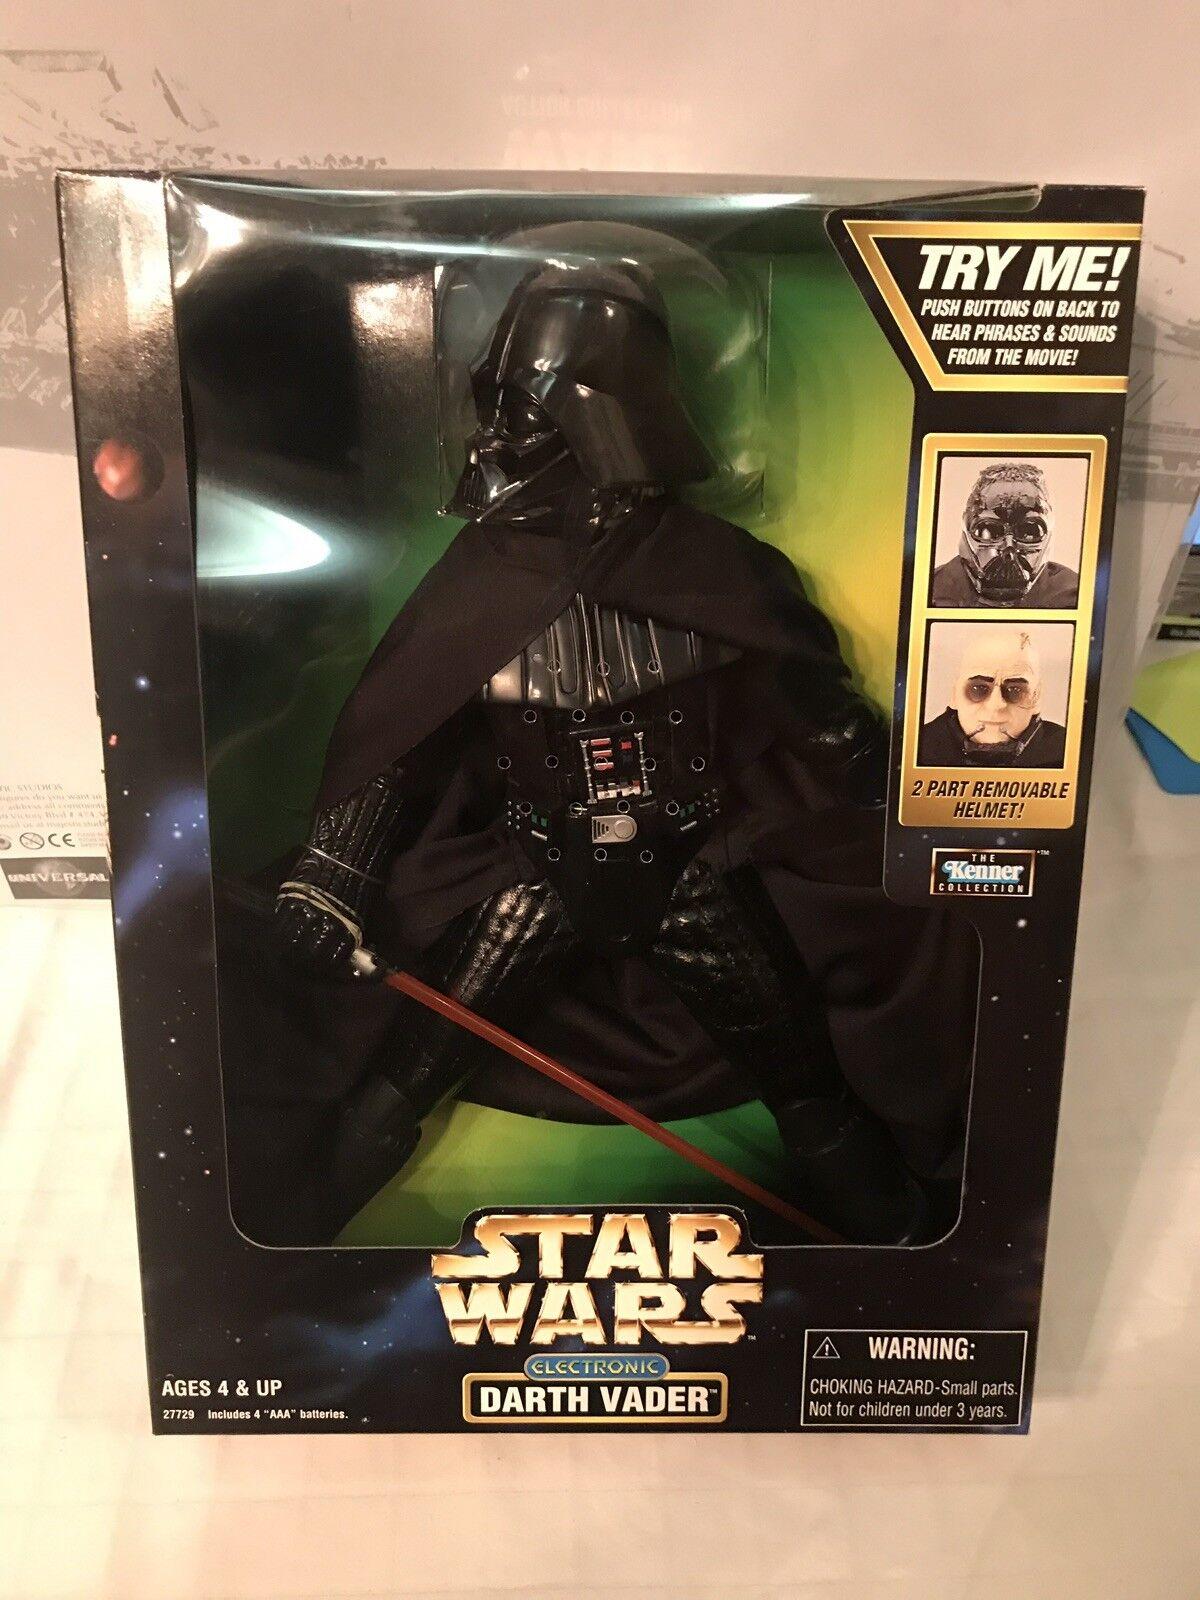 Star - wars - aktion sammlung elektronische darth vader